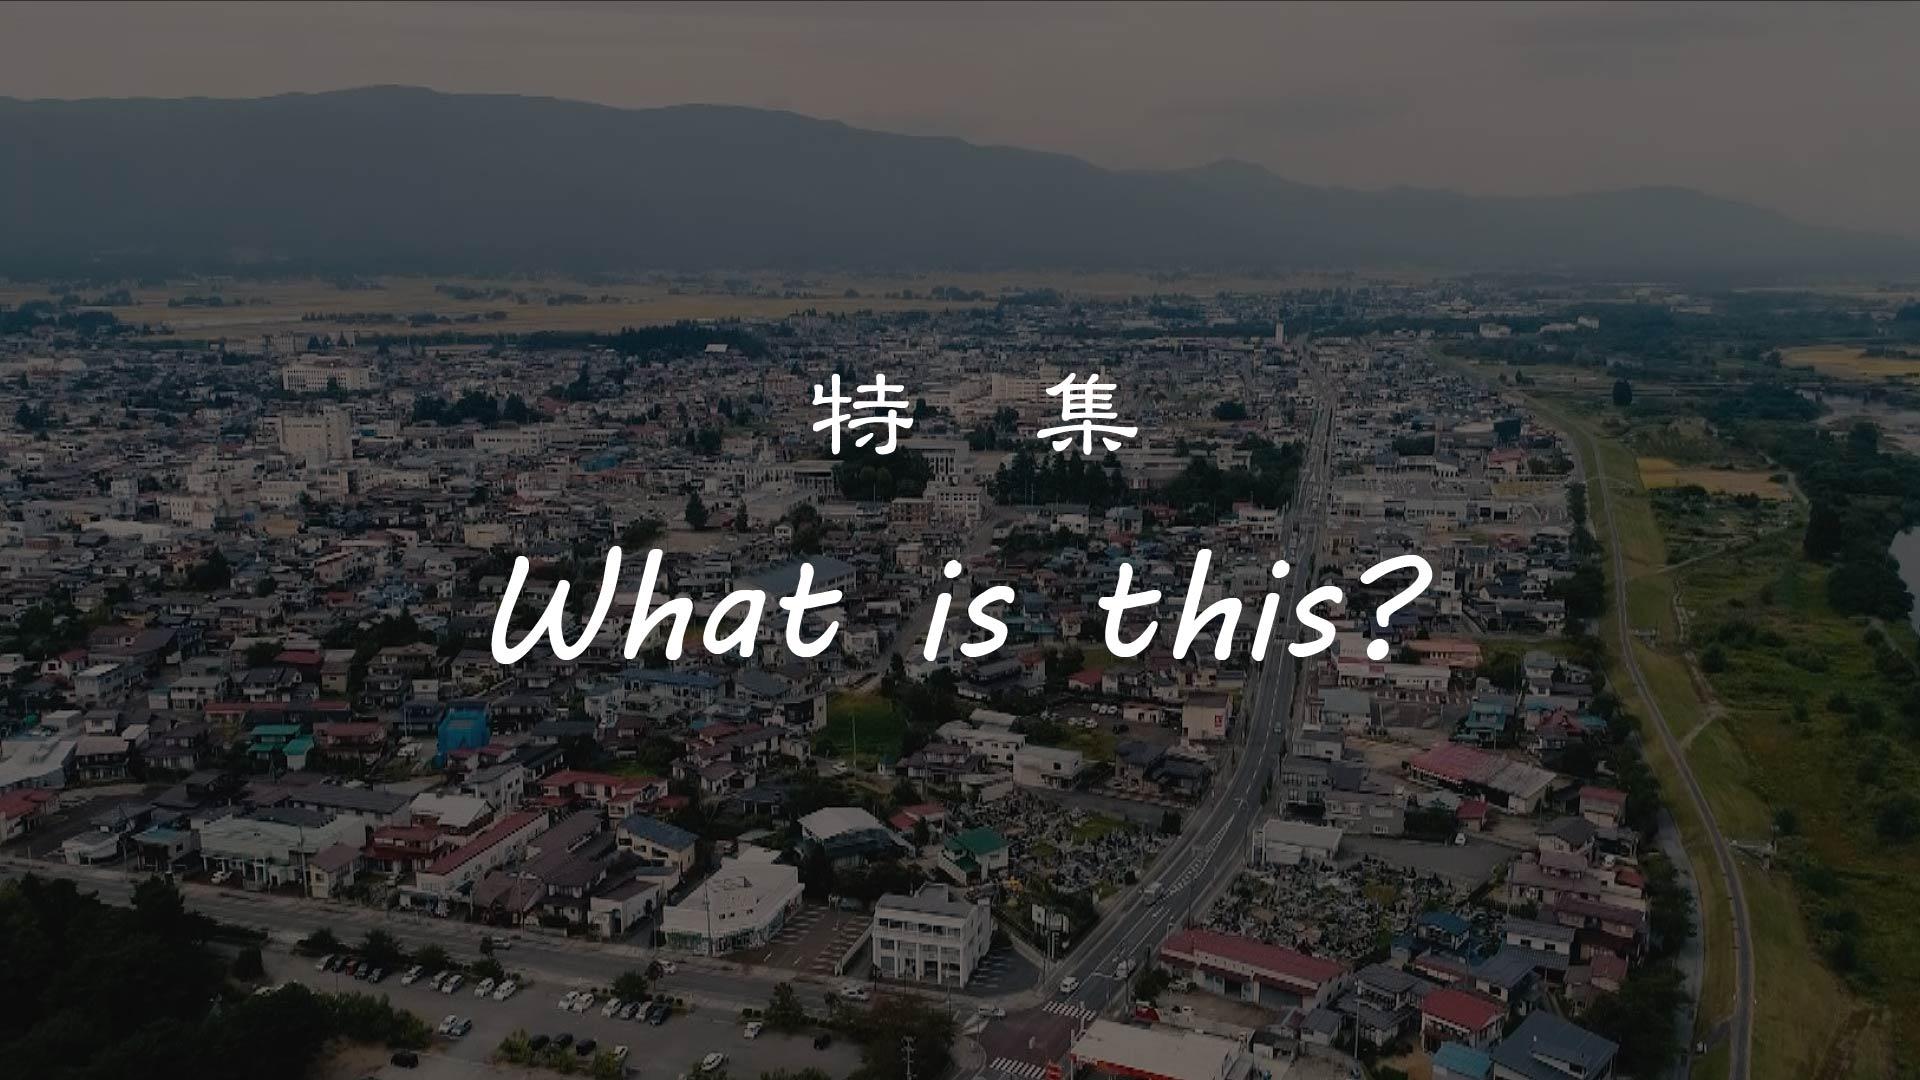 【長井市】 特集 『What is this?』 長井の四季総集 編